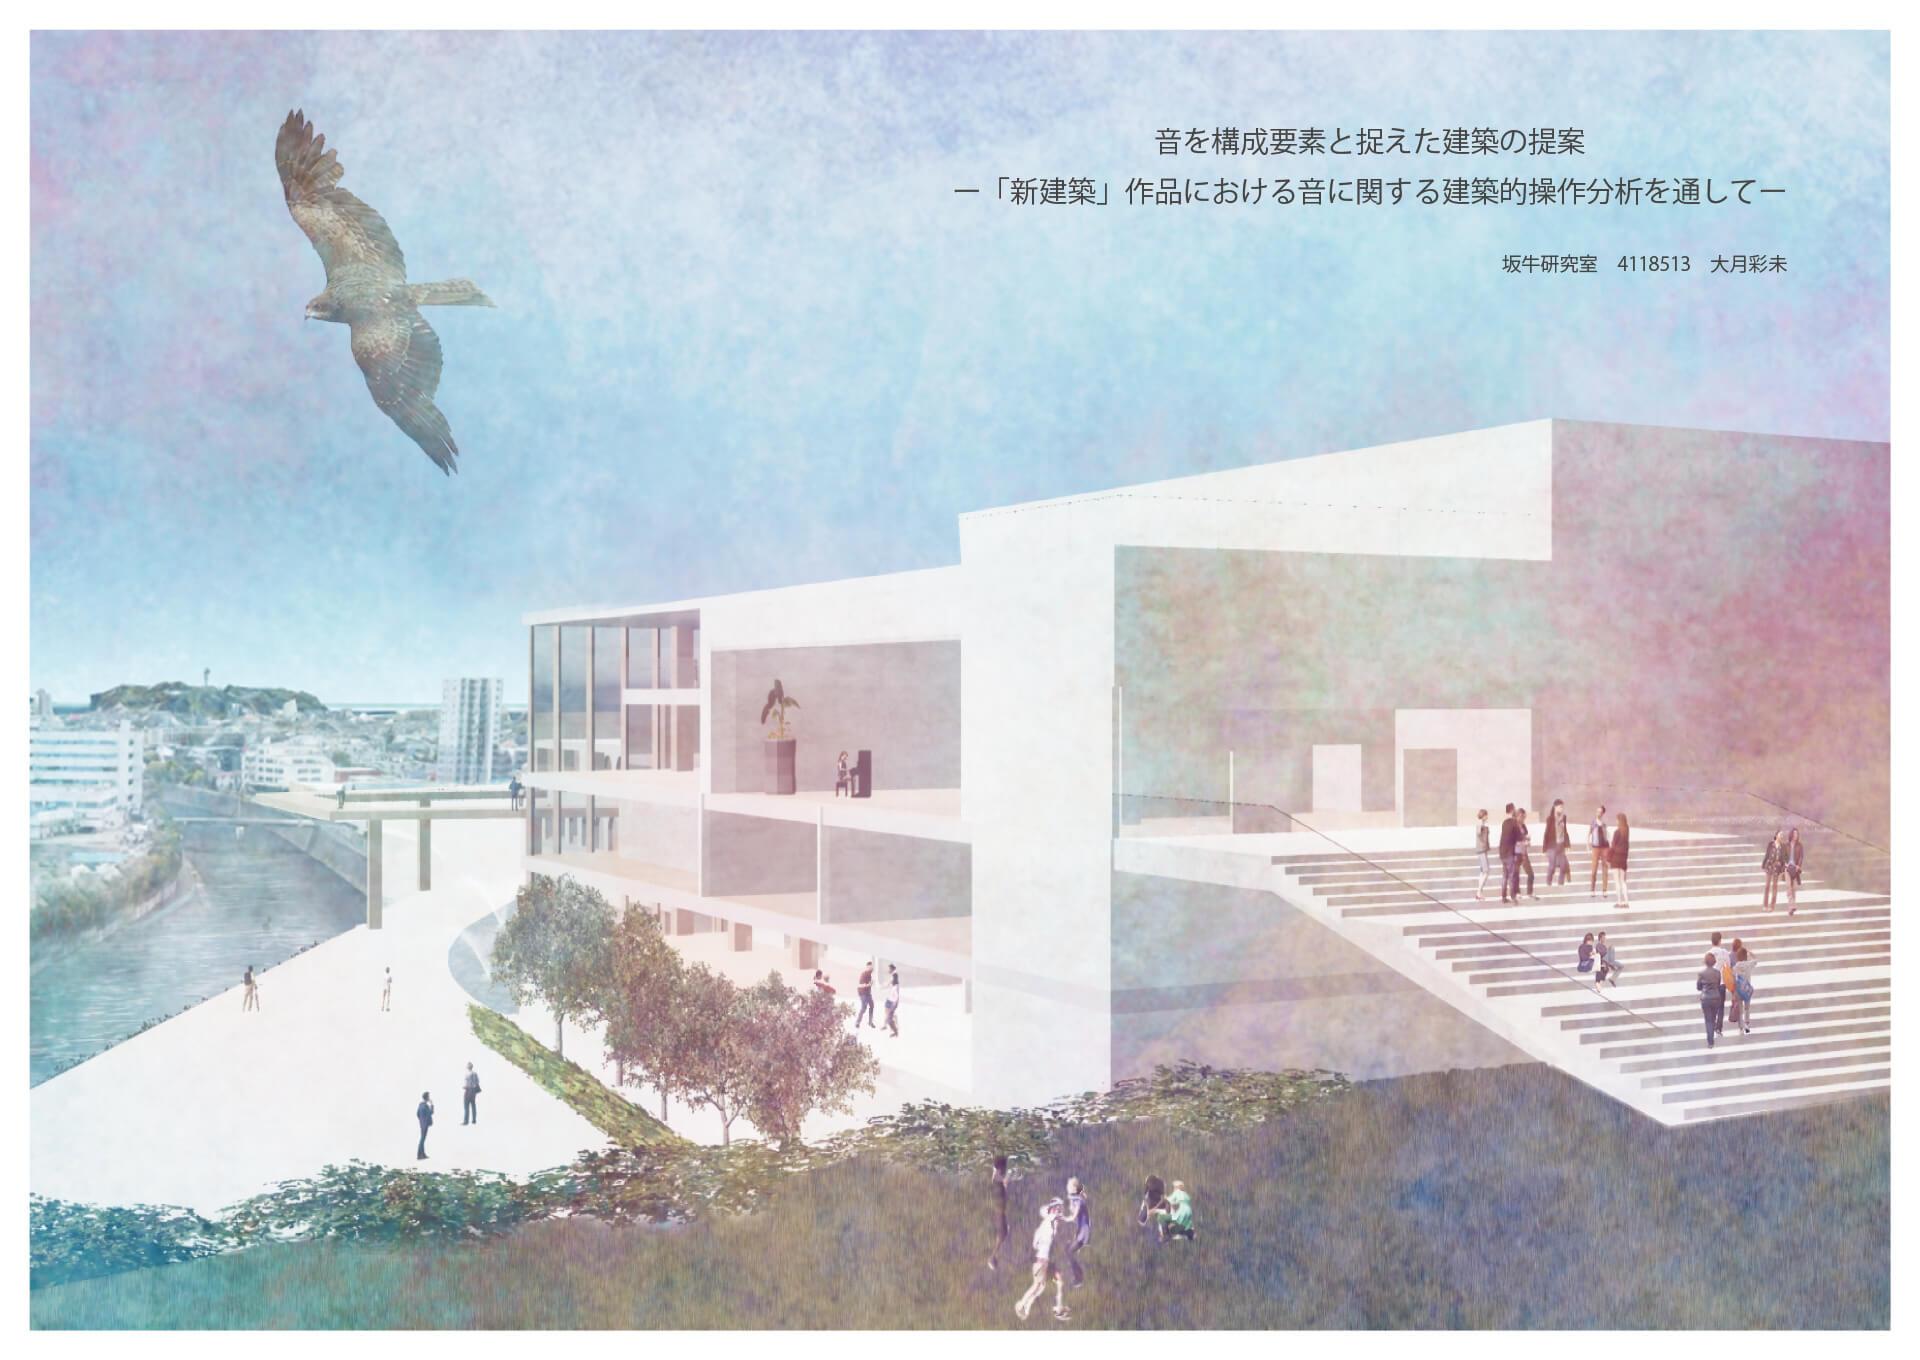 音を構成要素と捉えた建築の提案 -「新建築」作品における音に関する建築的操作分析を通して--1